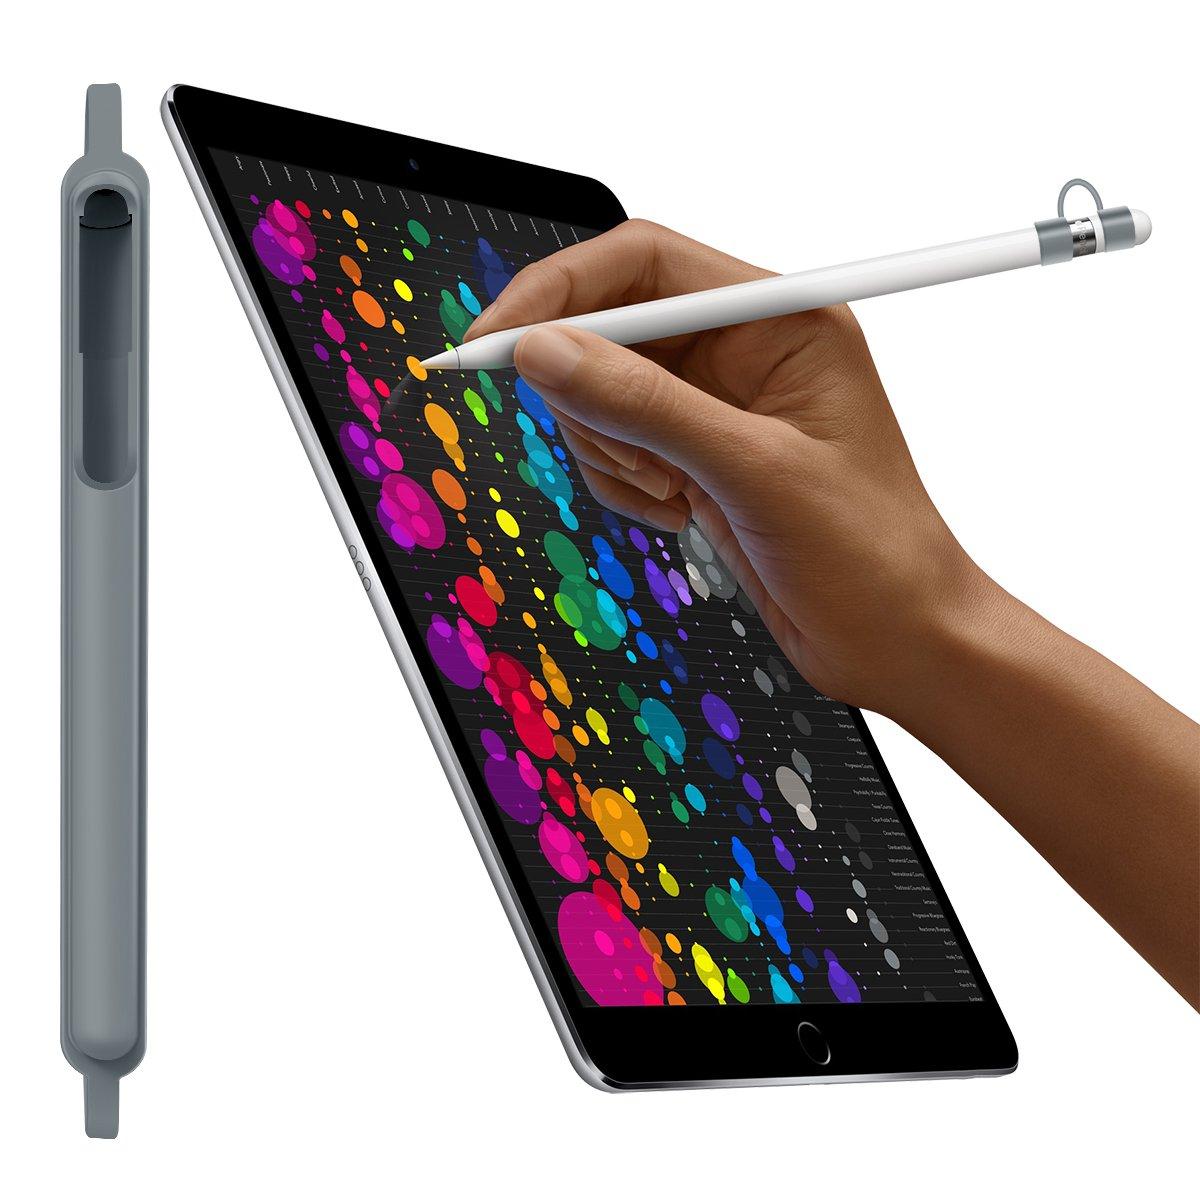 Kutop por Apple Pencil Funda Holder,iPad Pencil Cap Case Accesorios de protecci/ón es de Silicona Suave Chaqueta de Manga Shockproof Drop Proof Skin Cover para iPad Pro 9.7 iPad Pro 10.5 Pluma